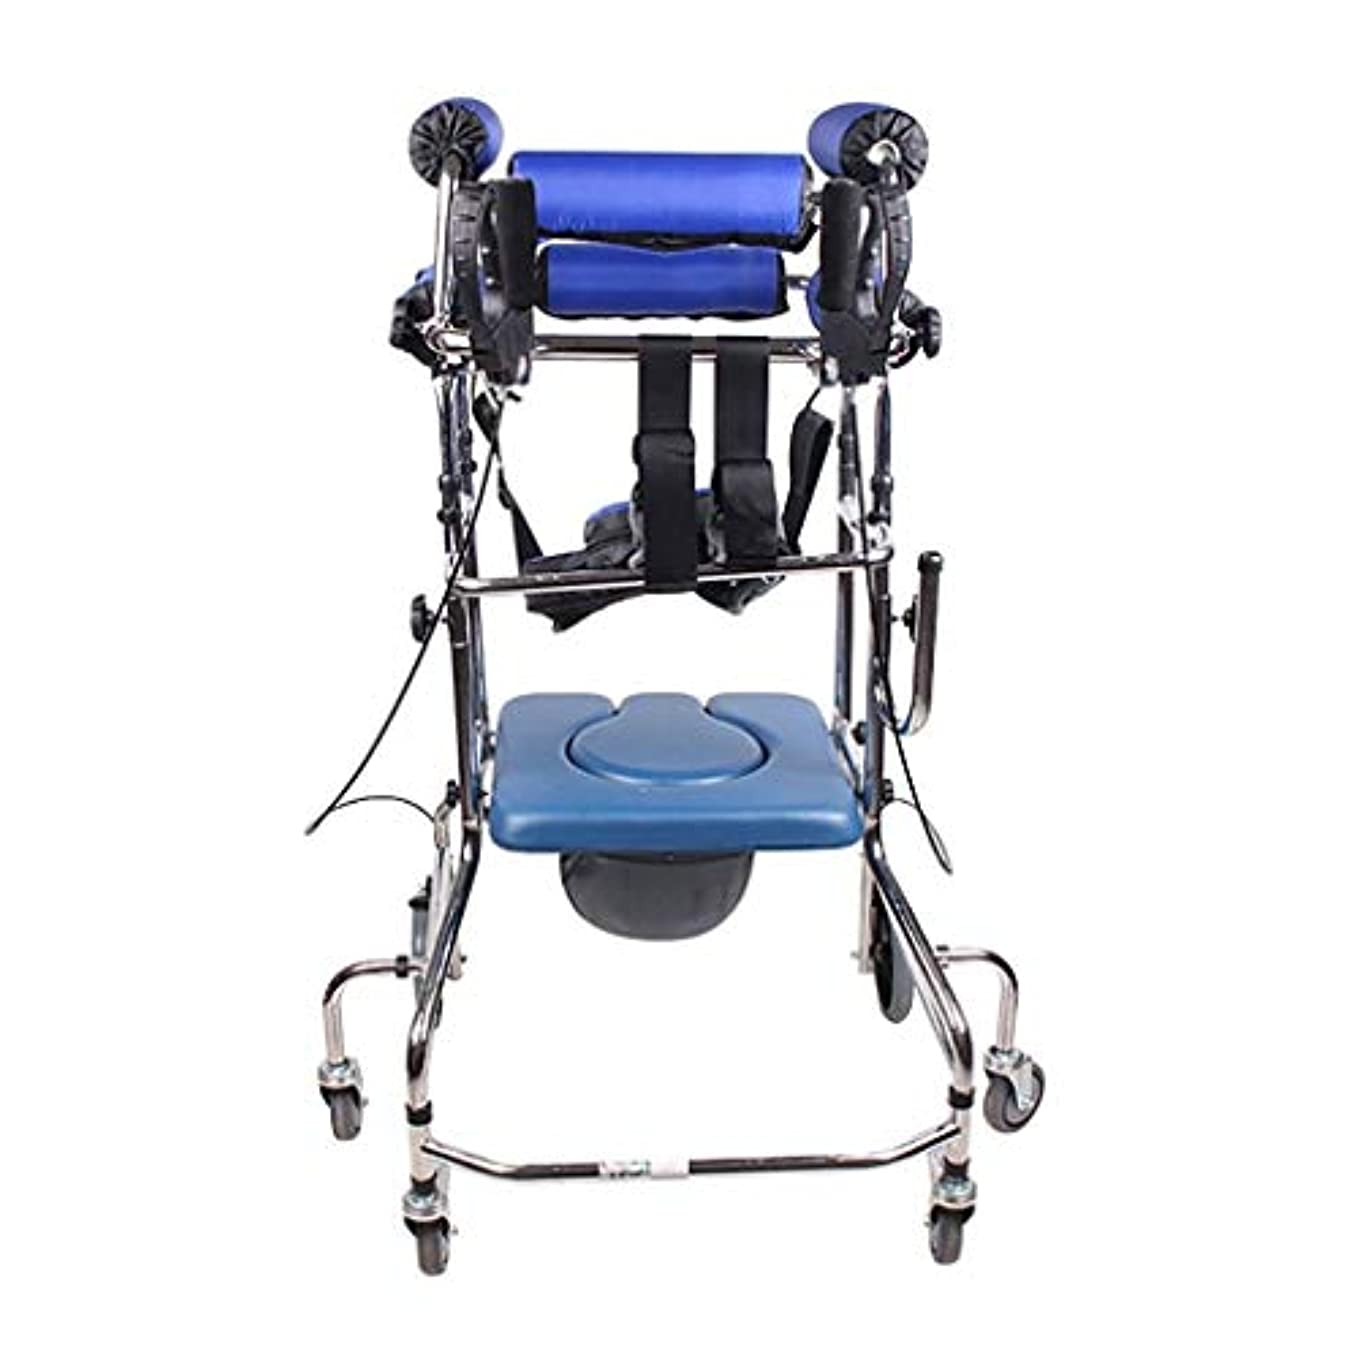 ドライアマチュアシットコム多機能下肢トレーニングウォーキングスタンド、調整可能な便器椅子